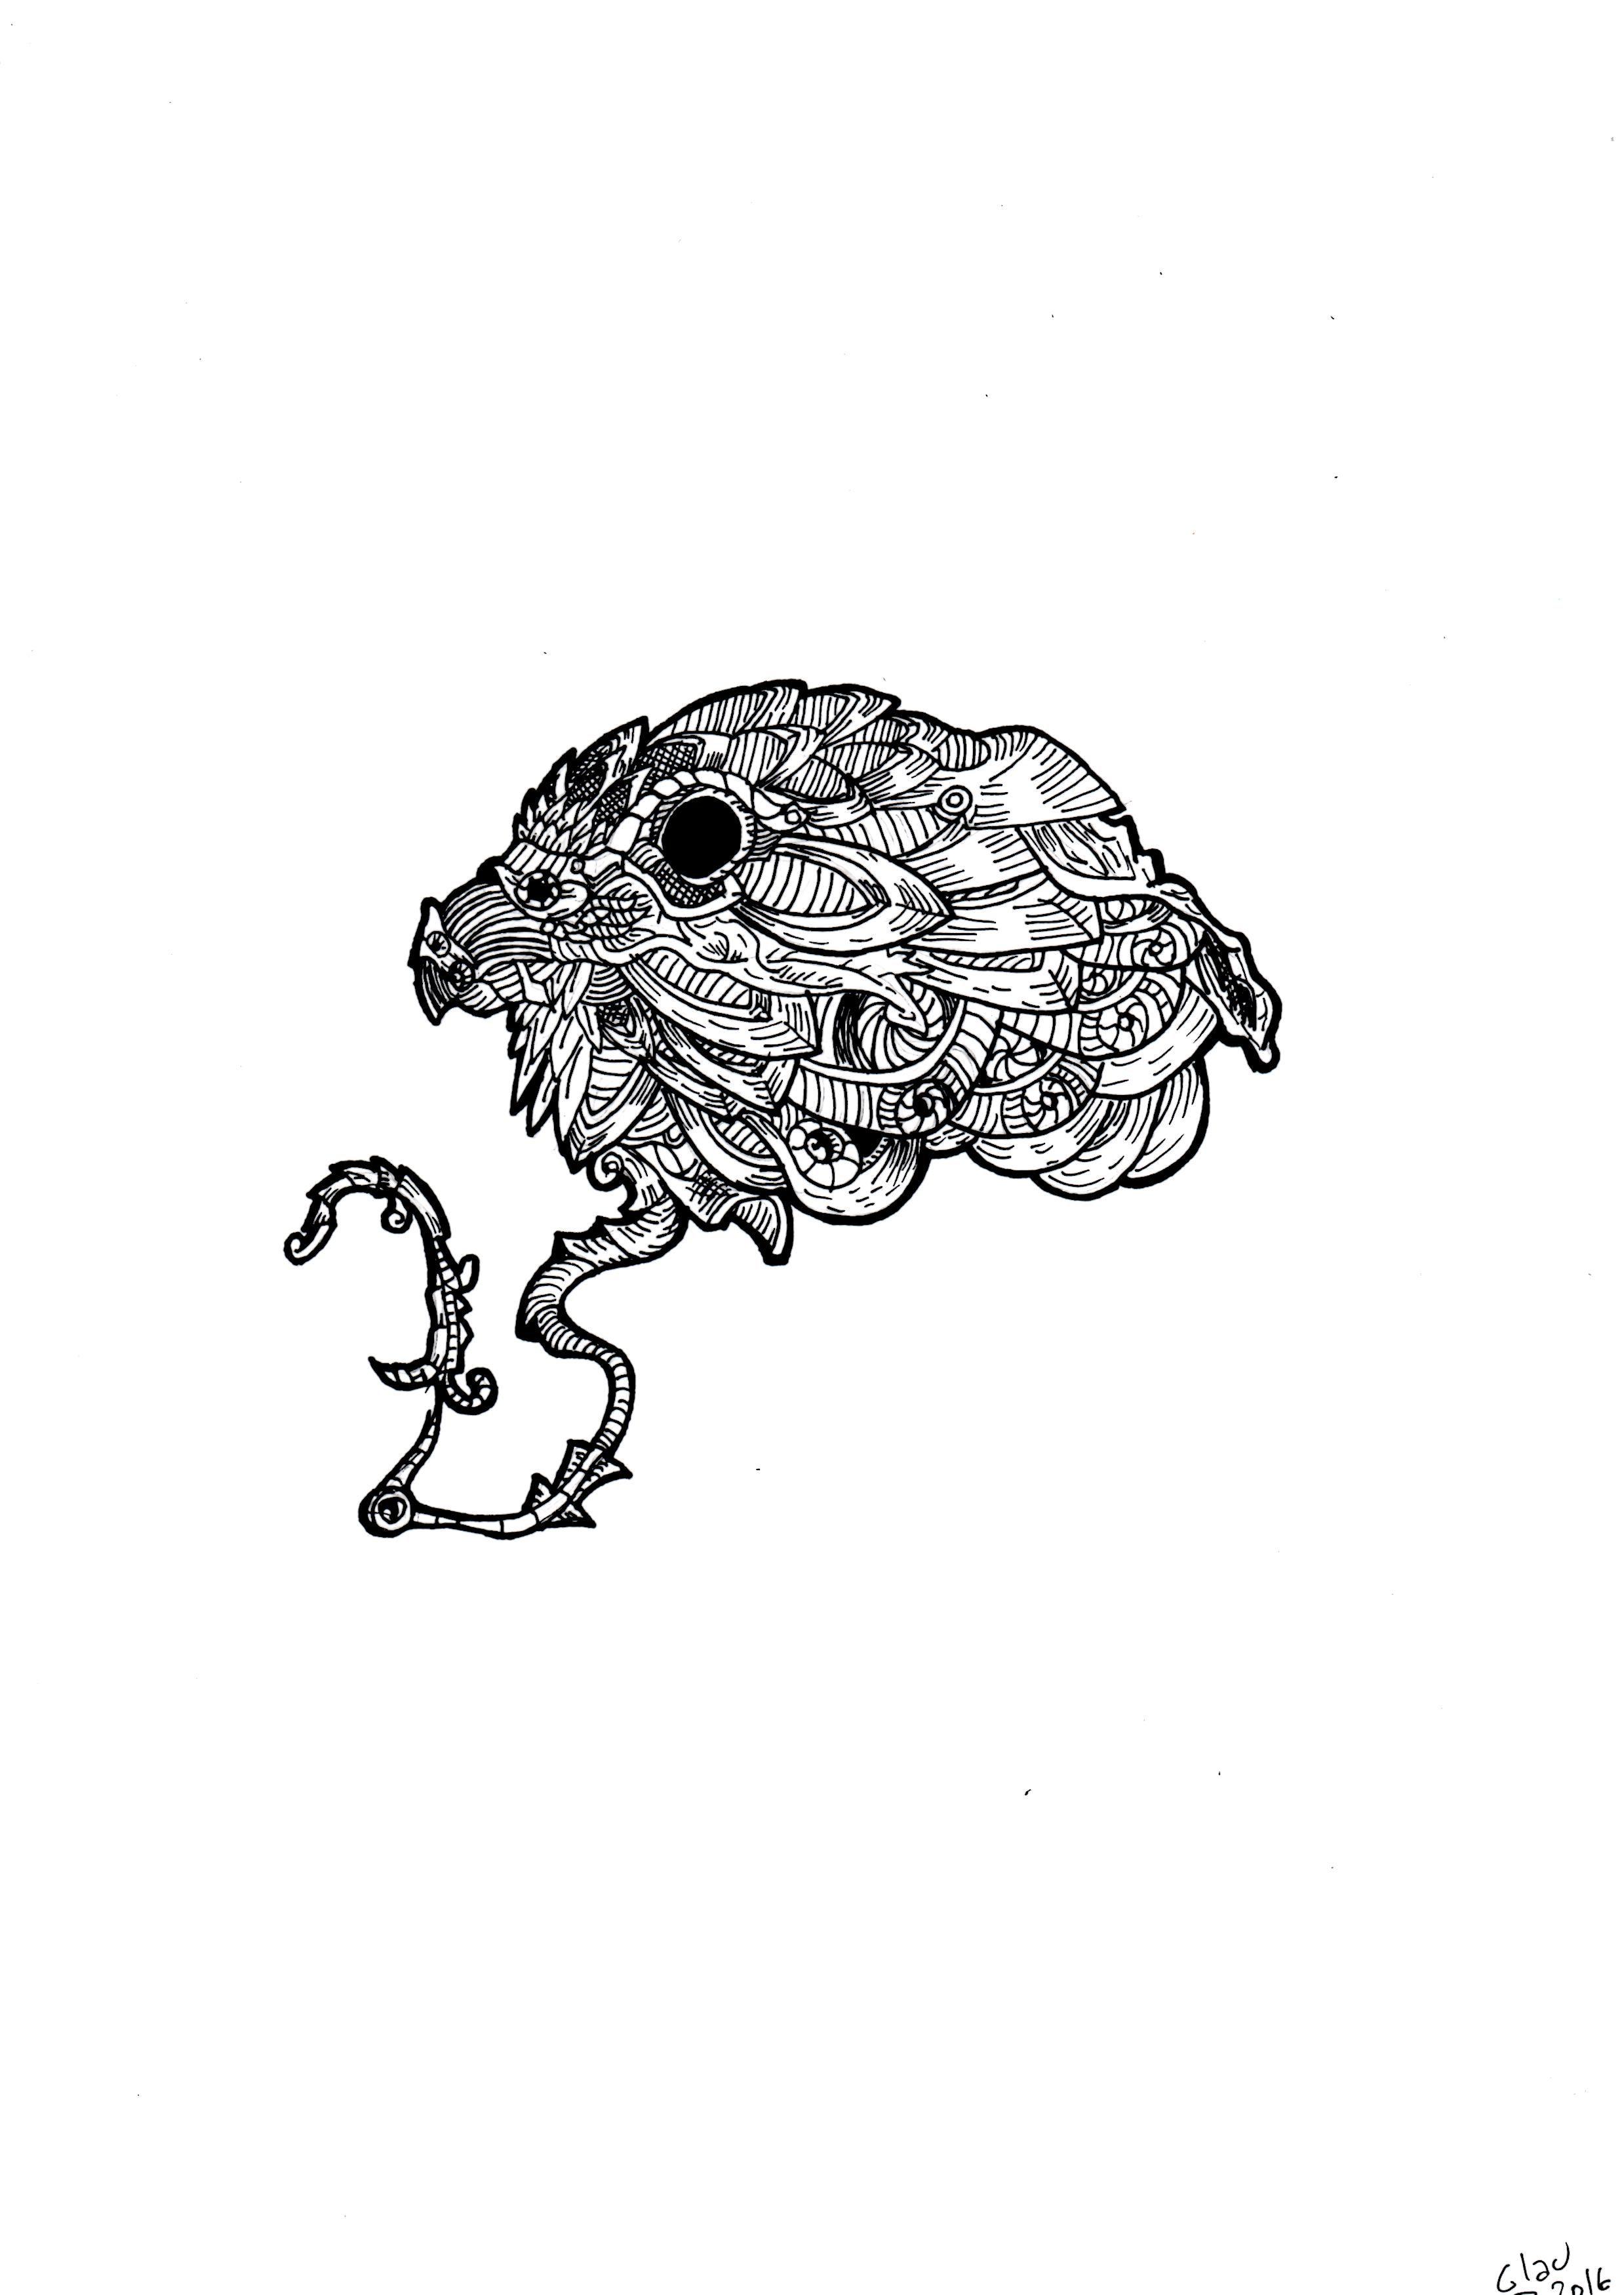 Falcão - By Glad 2016